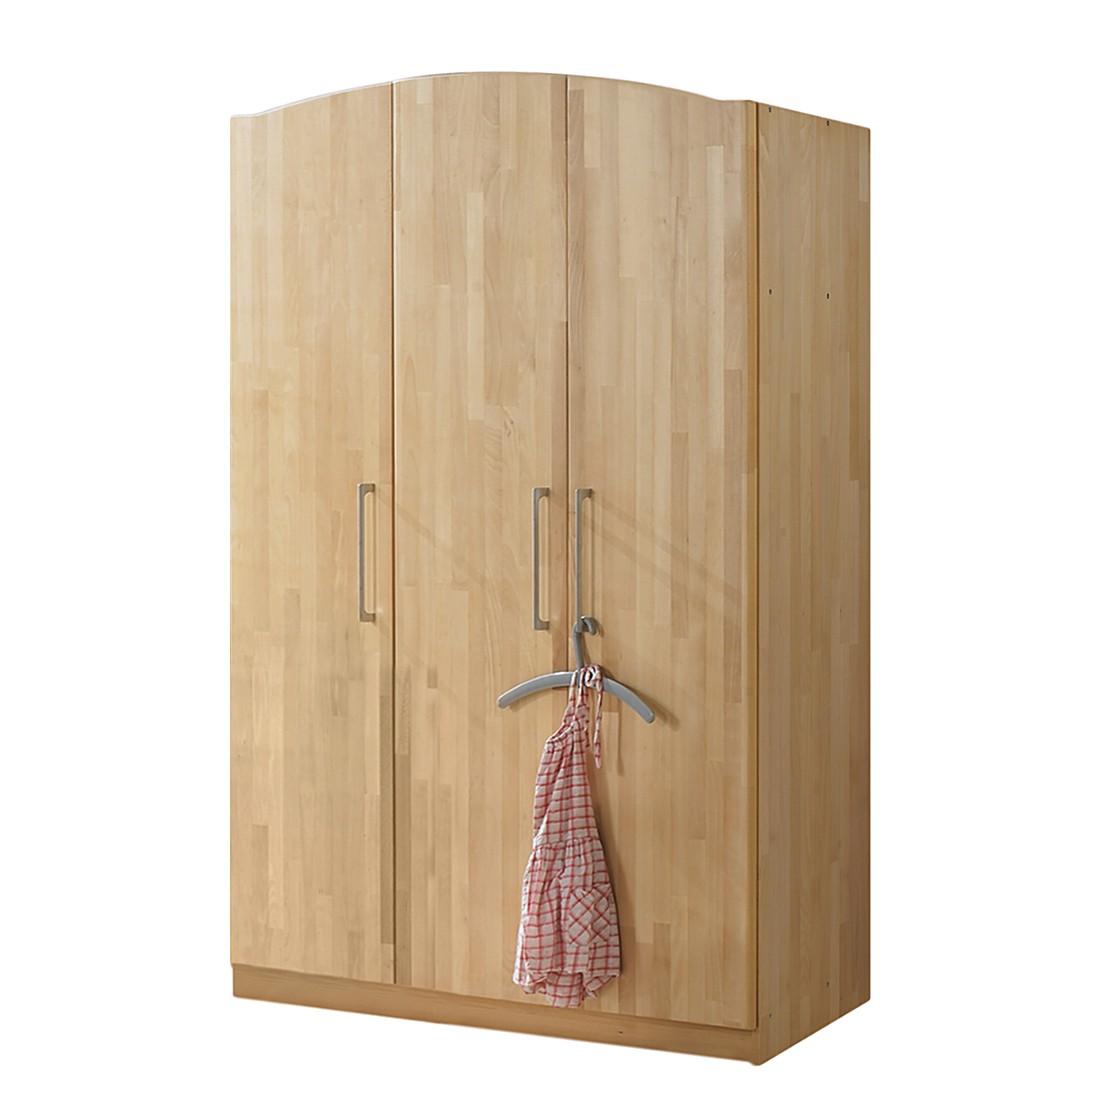 Pinolino Puppenwagen Holz Sarah Buche Natur ~ Kleiderschrank Luna  Buche massiv  Breite 140 cm Relita